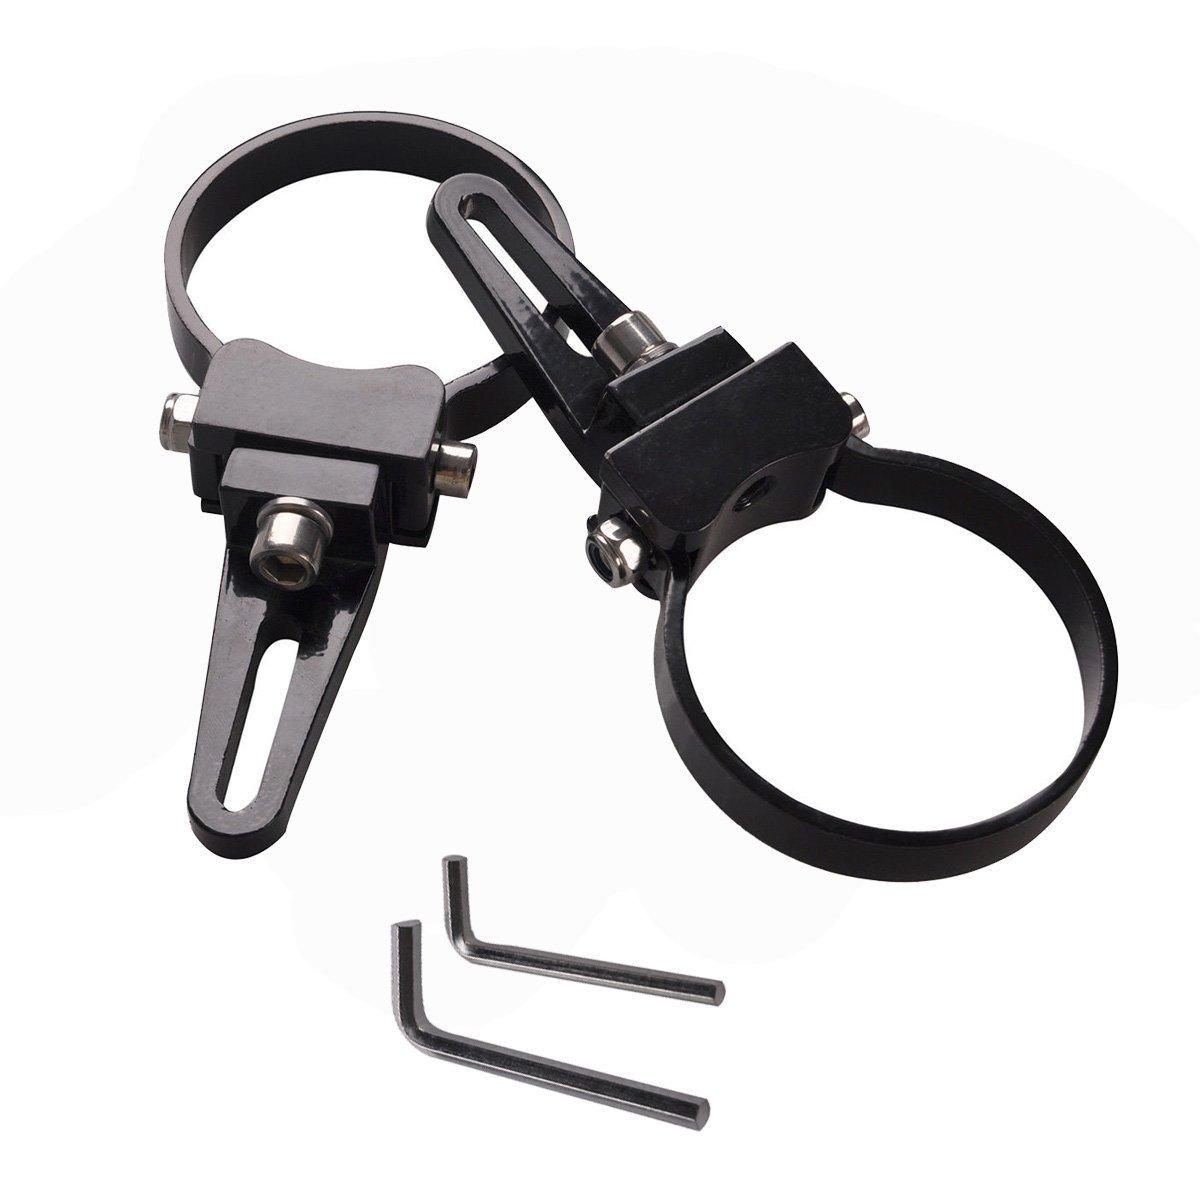 Lightronic 1.5// 38mm Supports de Montage Led Barres de Taureau Lumi/ère de Conduite Faisceau Ponctuelpour Lampe de Travail LED HID Barre Lumineuse